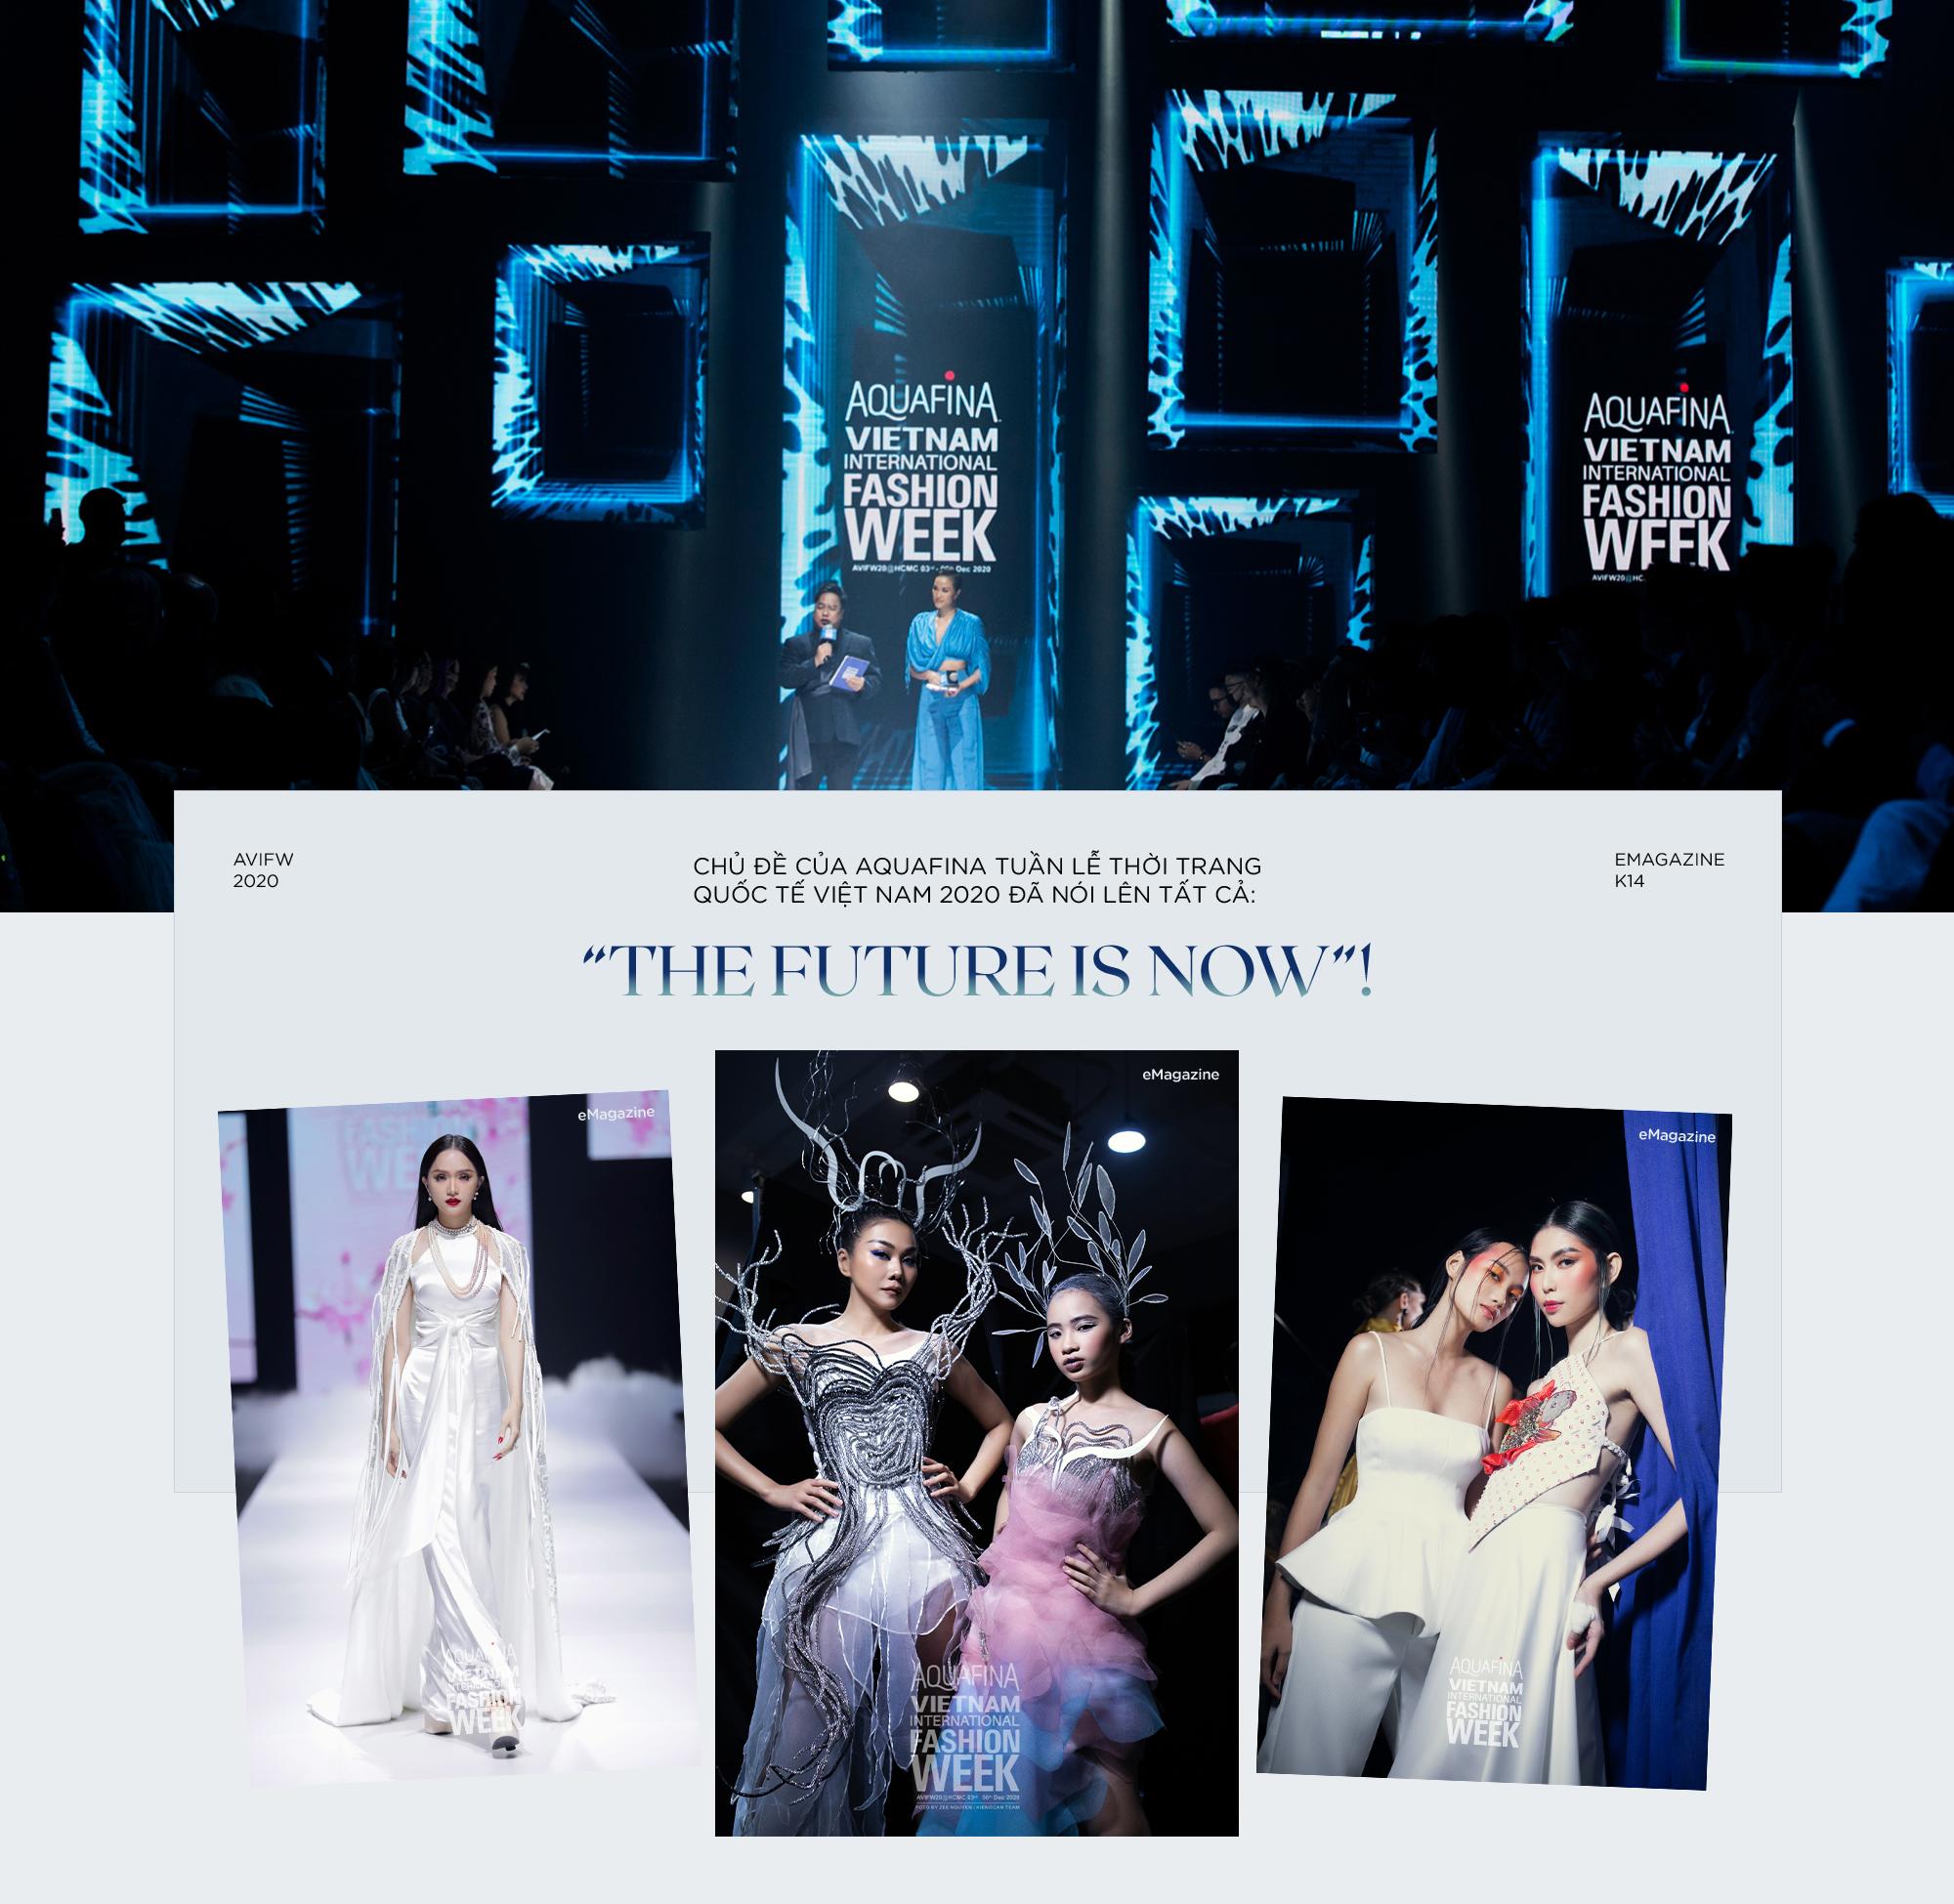 """2020: Khi các kinh đô thế giới cũng phải tạm im tiếng thì dòng chảy thời trang Việt vẫn mãnh liệt khẳng định: """"Tương lai bắt đầu từ hôm nay!"""" - Ảnh 3."""